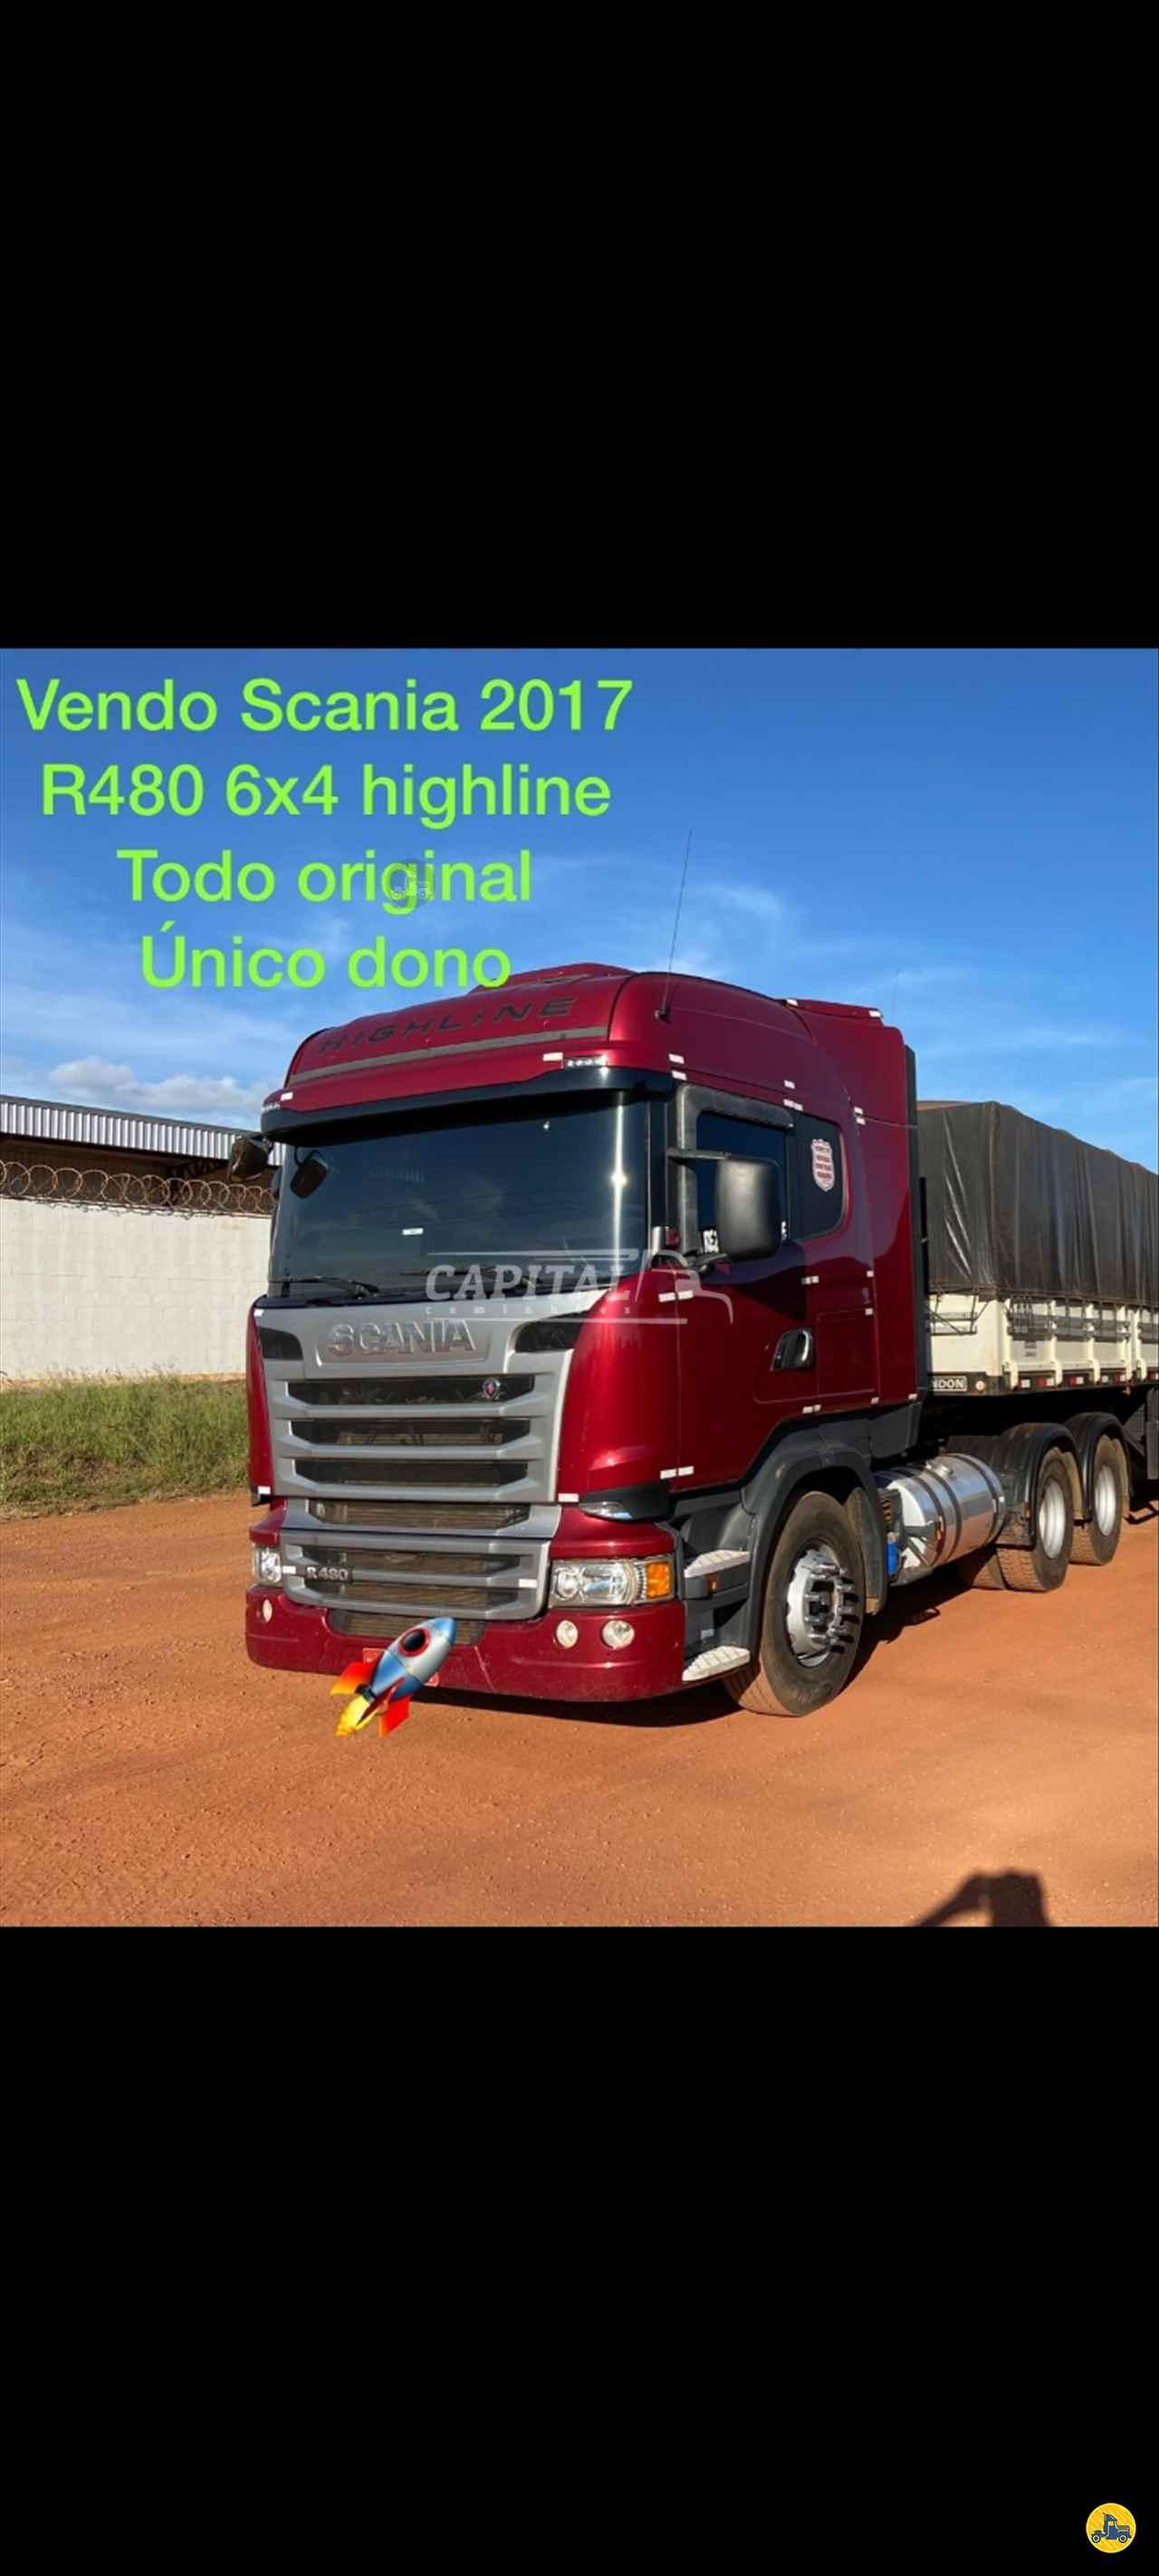 CAMINHAO SCANIA SCANIA 480 Cavalo Mecânico Traçado 6x4 Capital Caminhões - Metalesp e Recrusul  BRASILIA DISTRITO FEDERAL DF